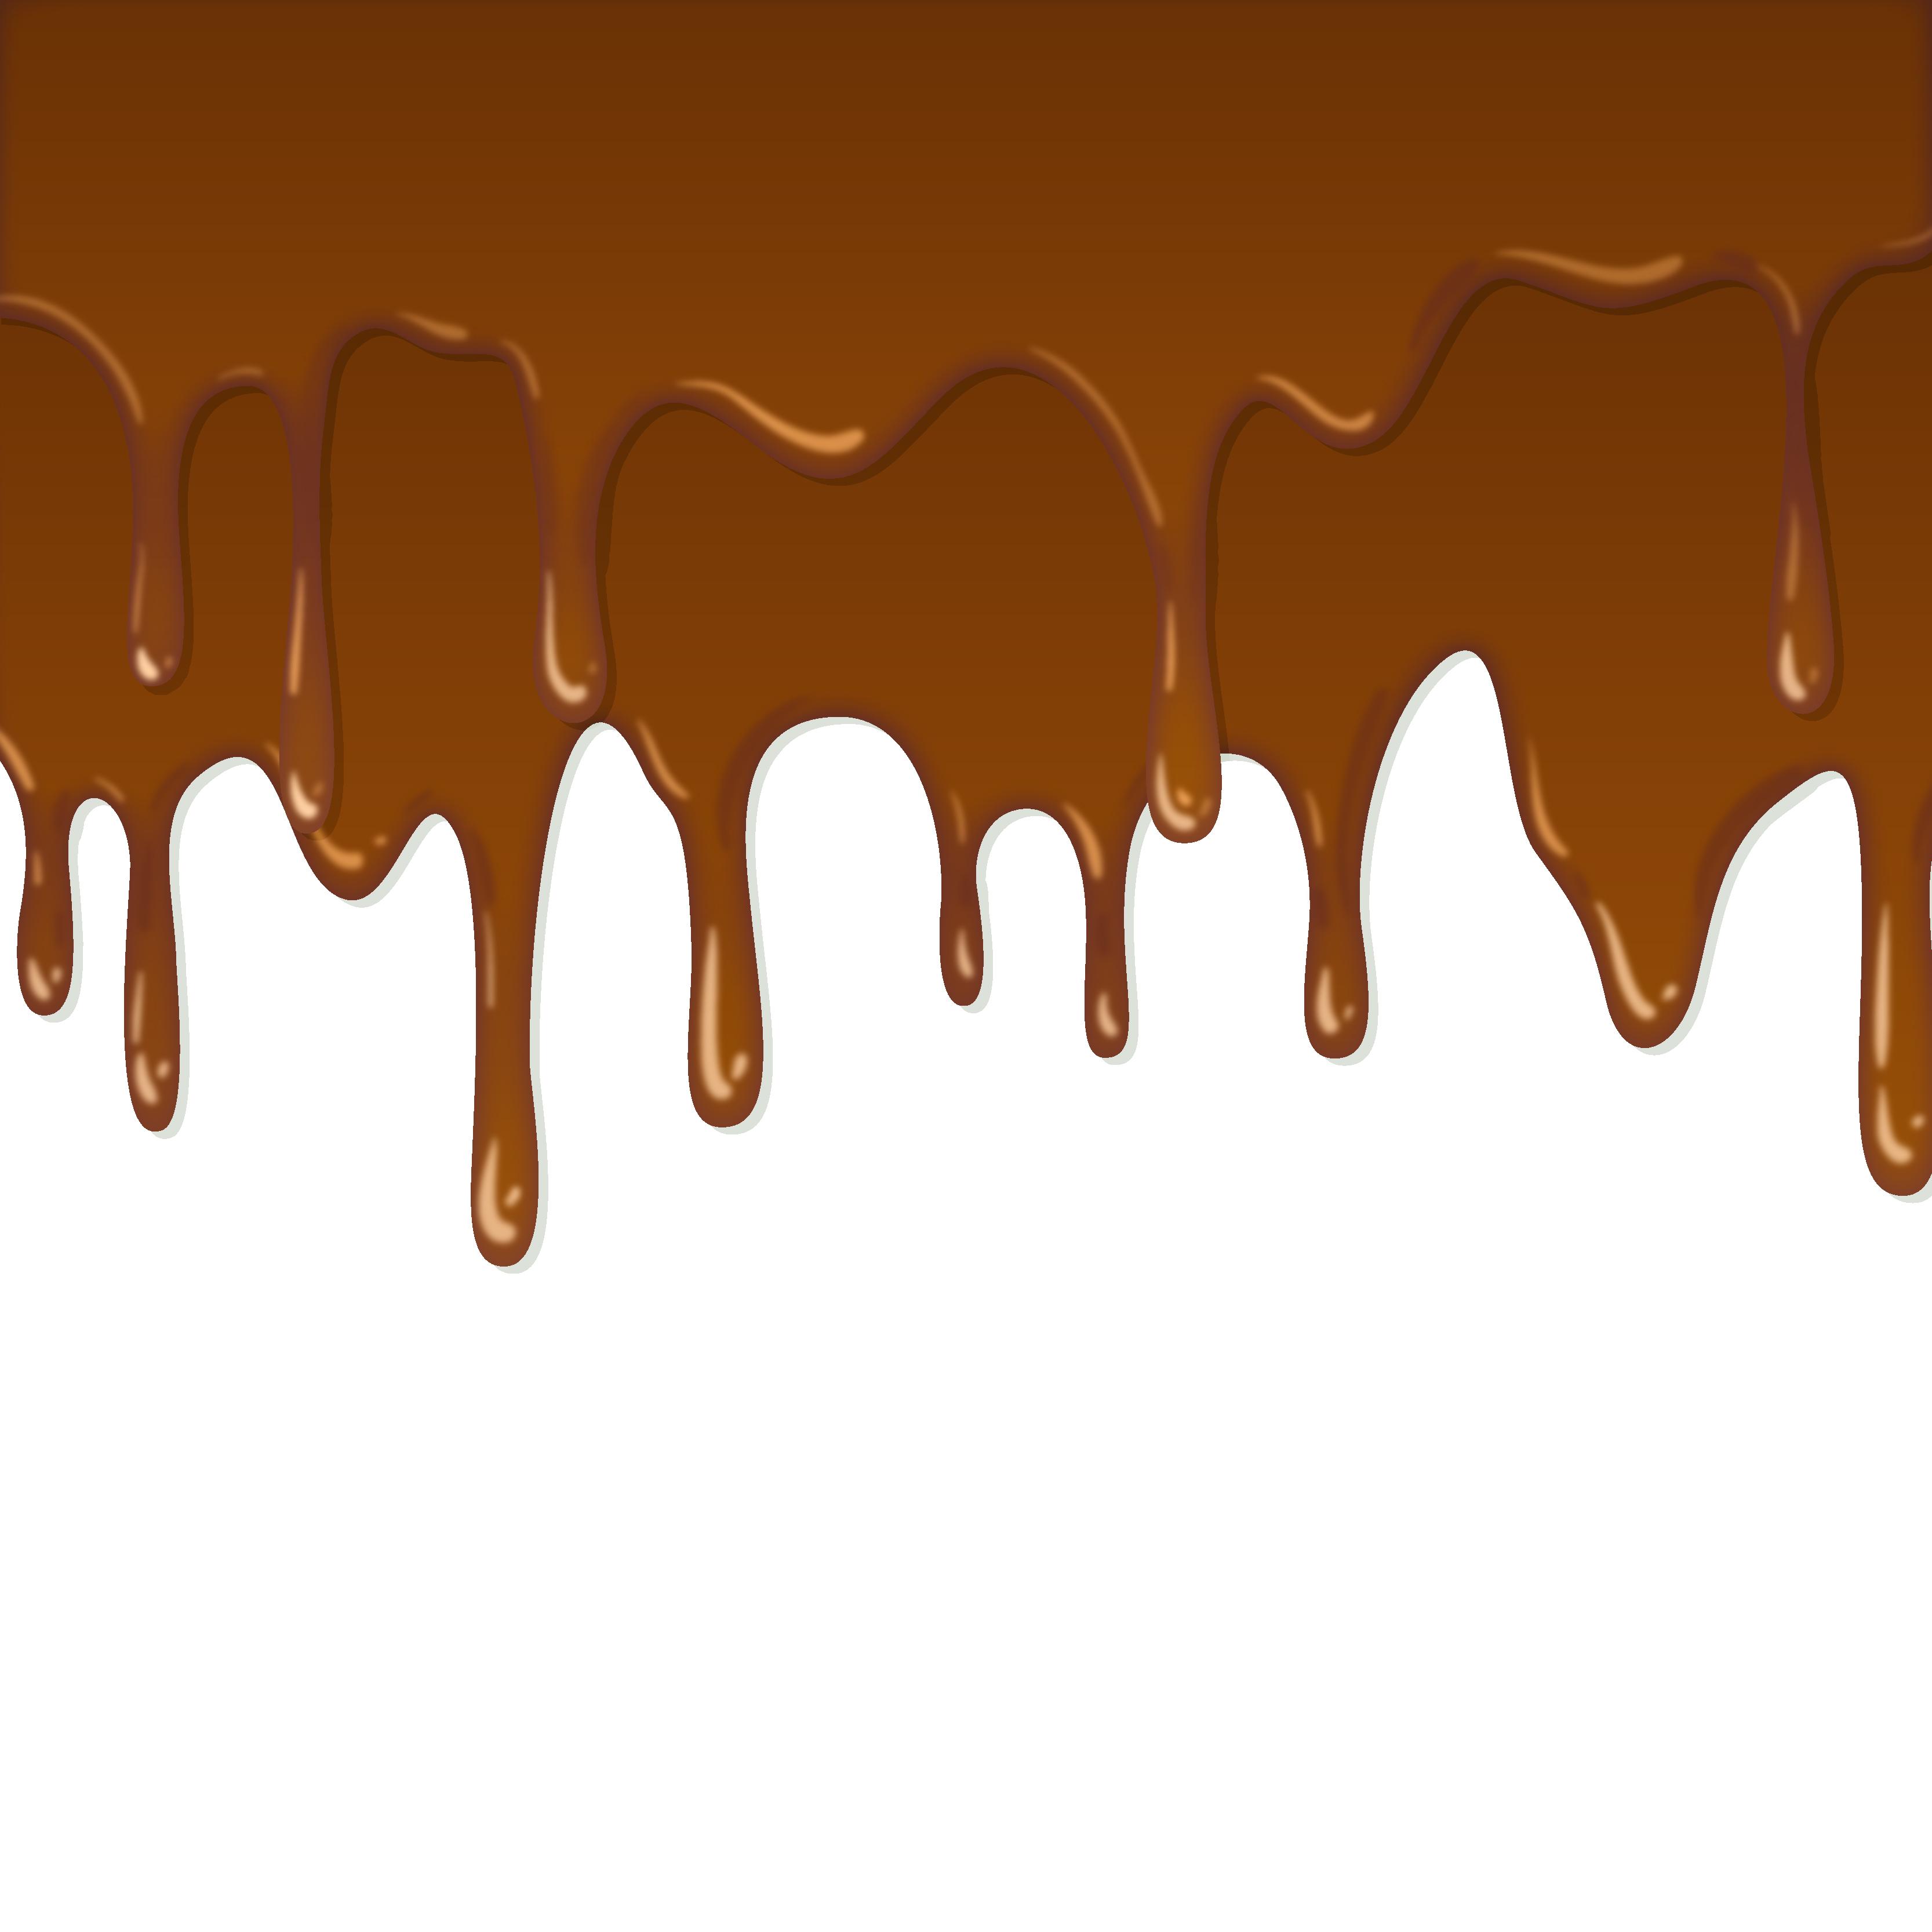 картинка как стекает шоколад подберут